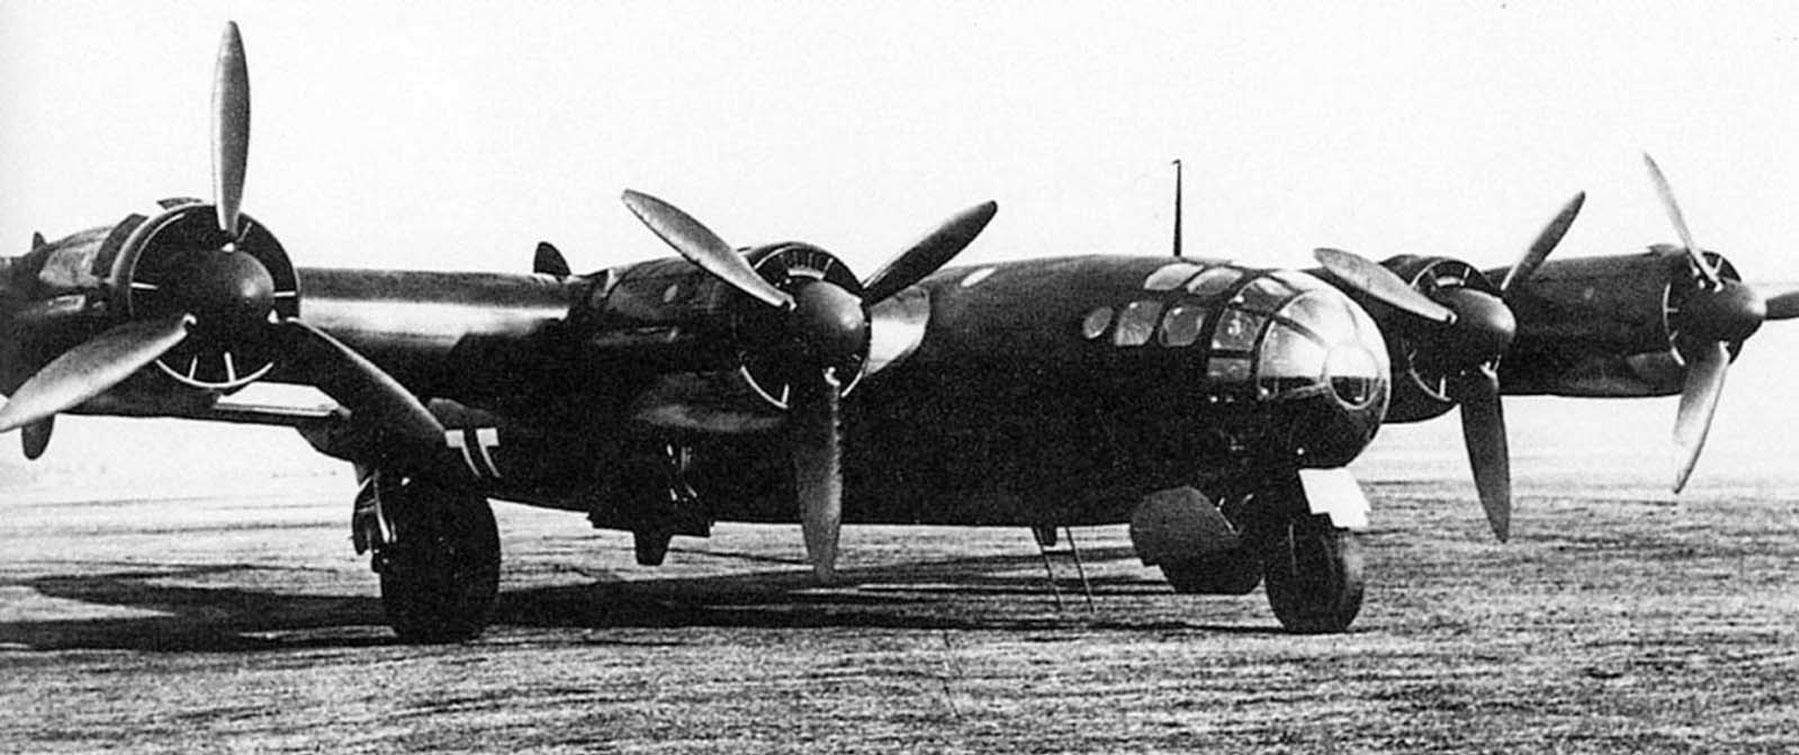 Schwerer Bomber Me 264.